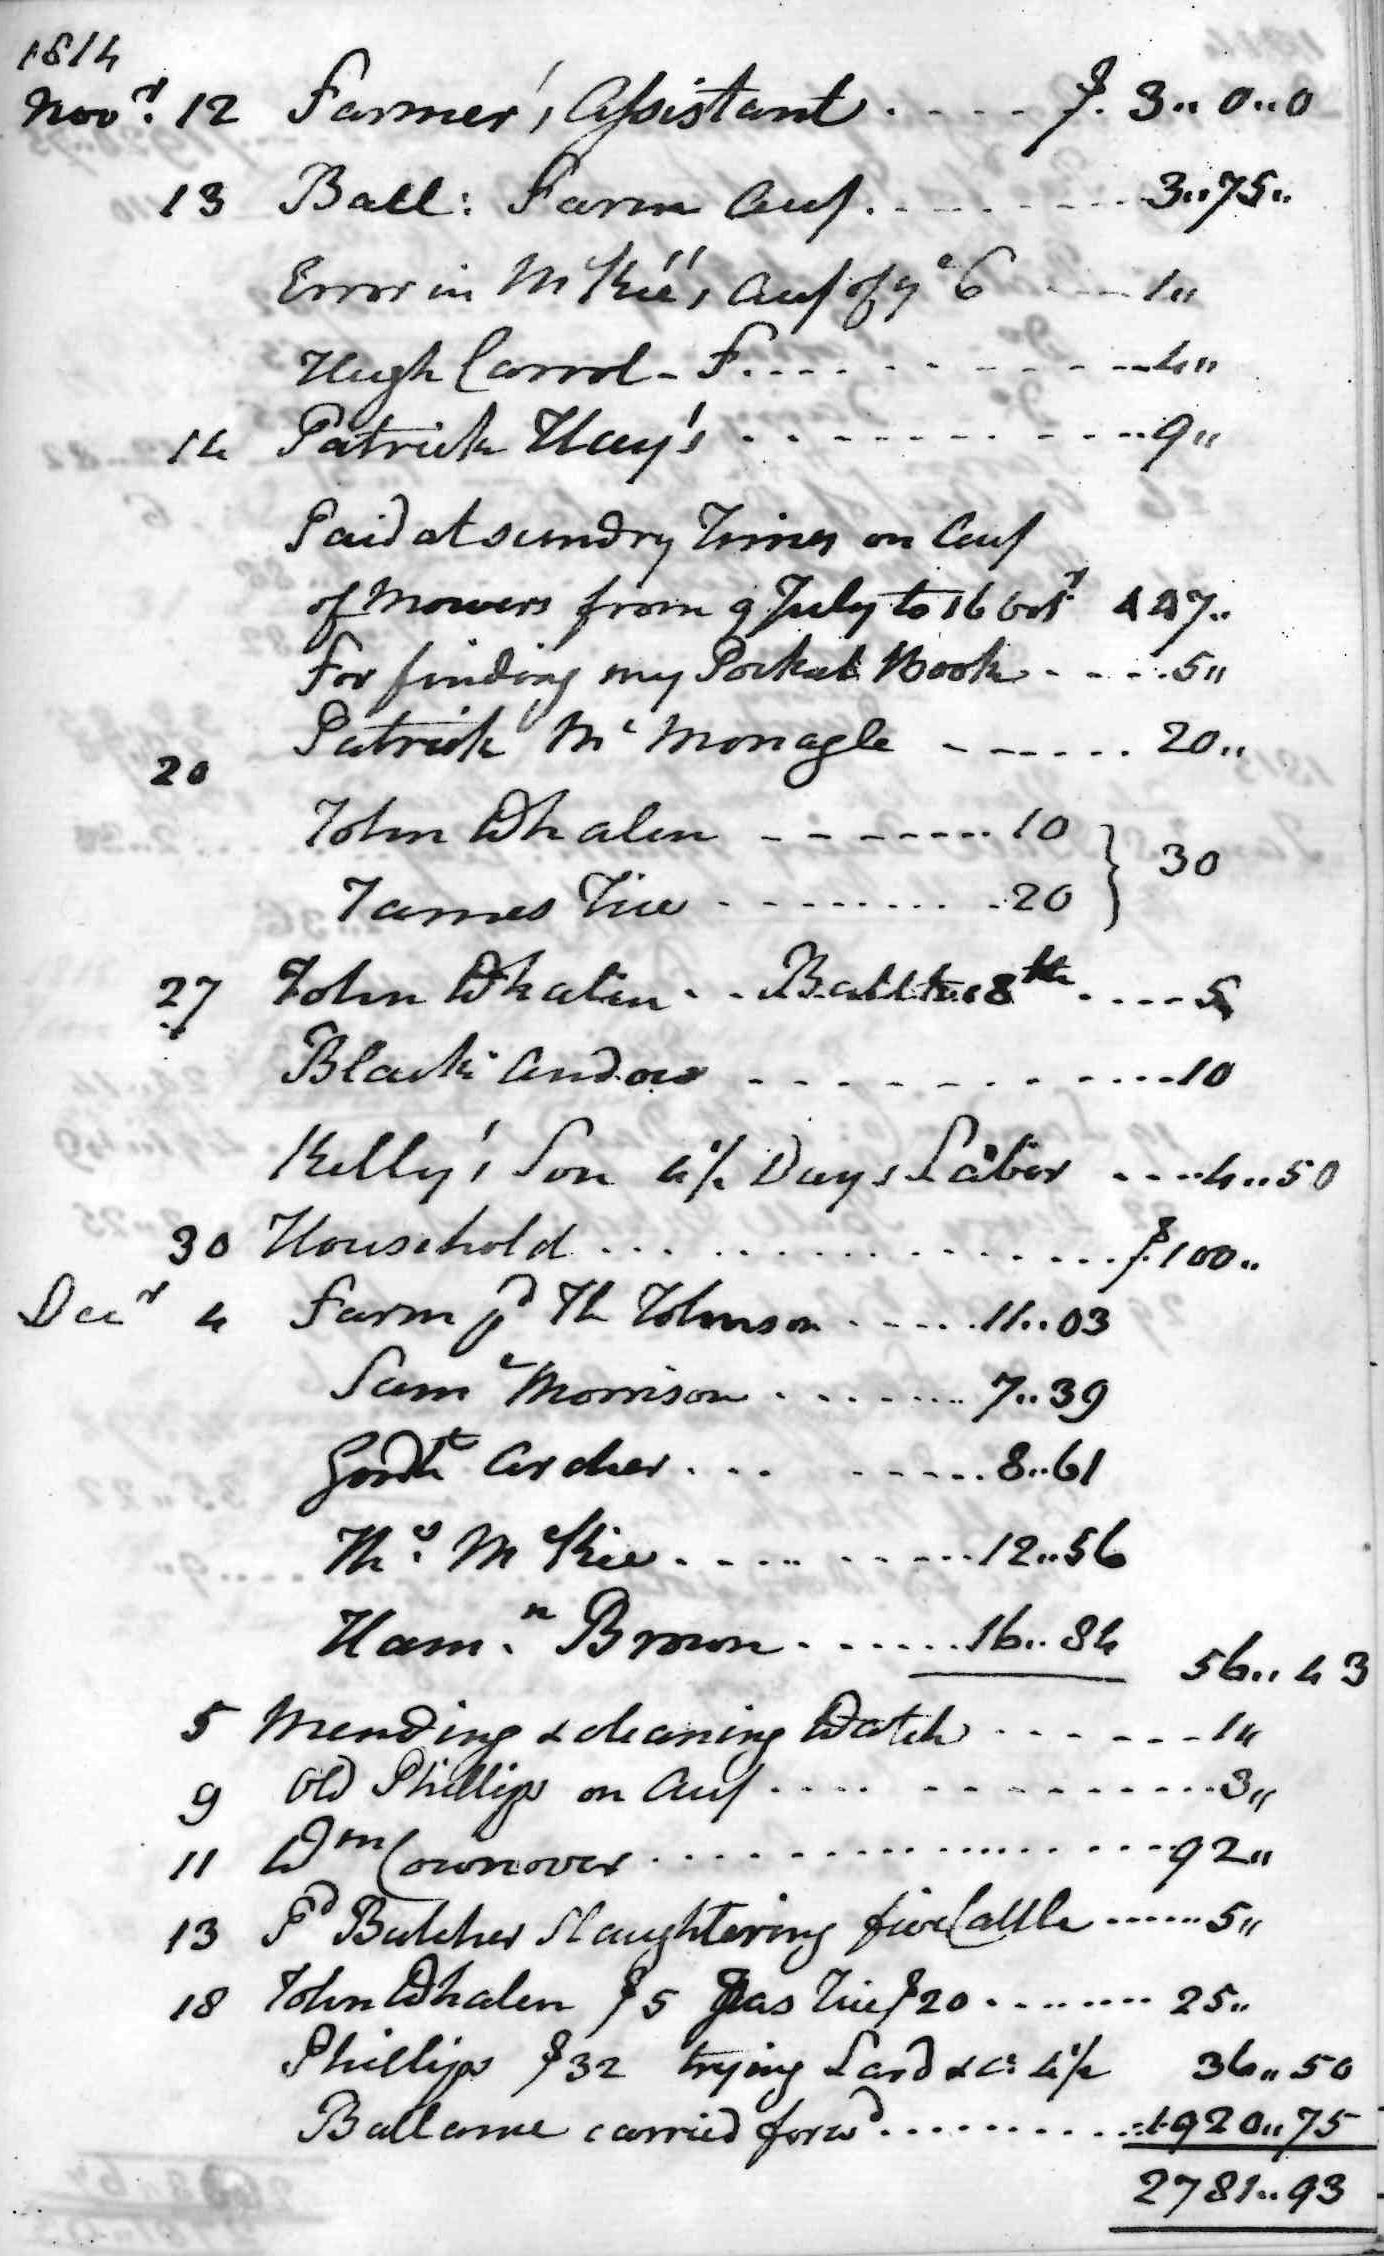 Gouverneur Morris Cash Book, folio 36, right side